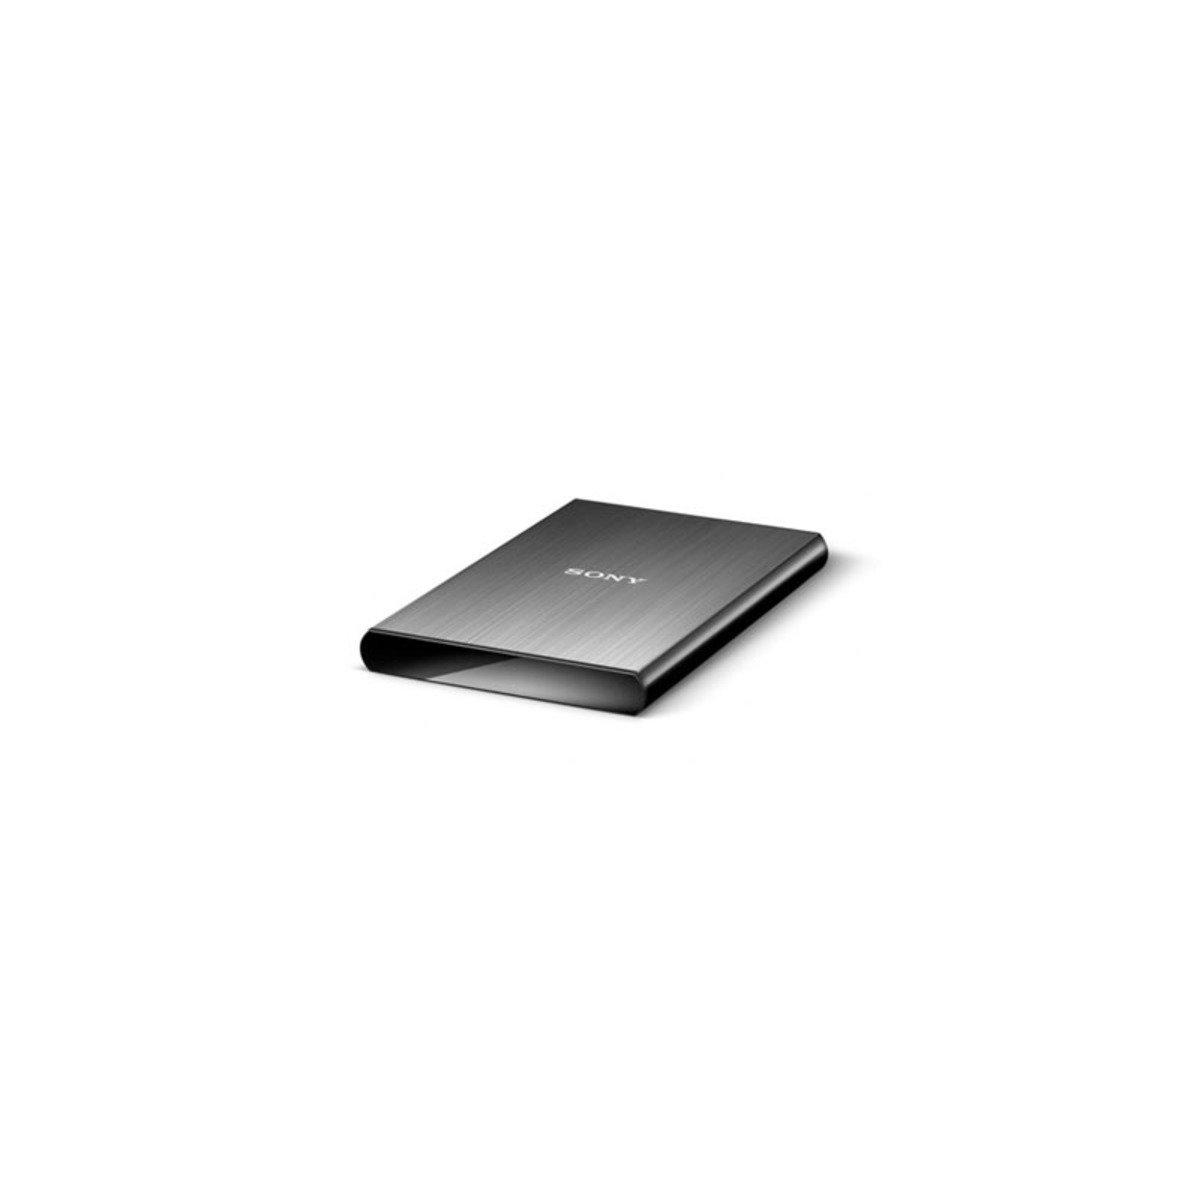 2.5吋 Compact Slim 2TB USB3.0 金屬外殼外置硬碟 黑色